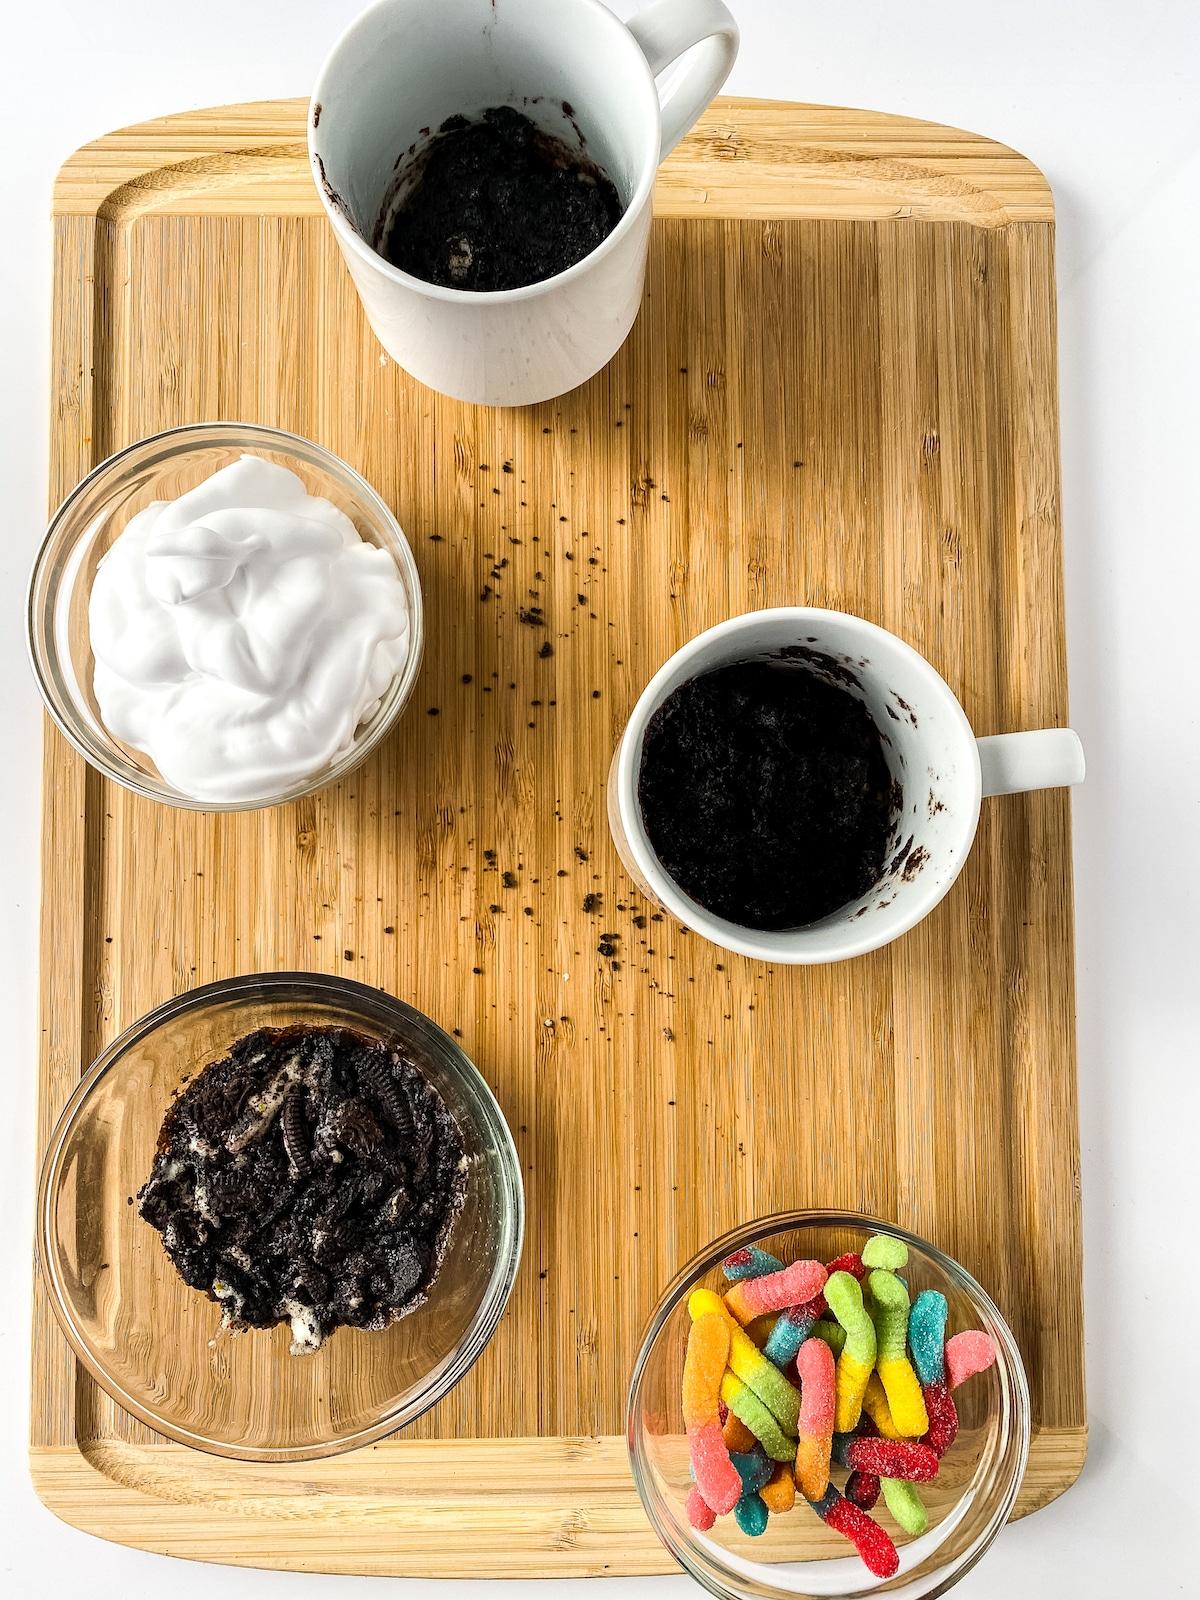 Ingredients for mug cake